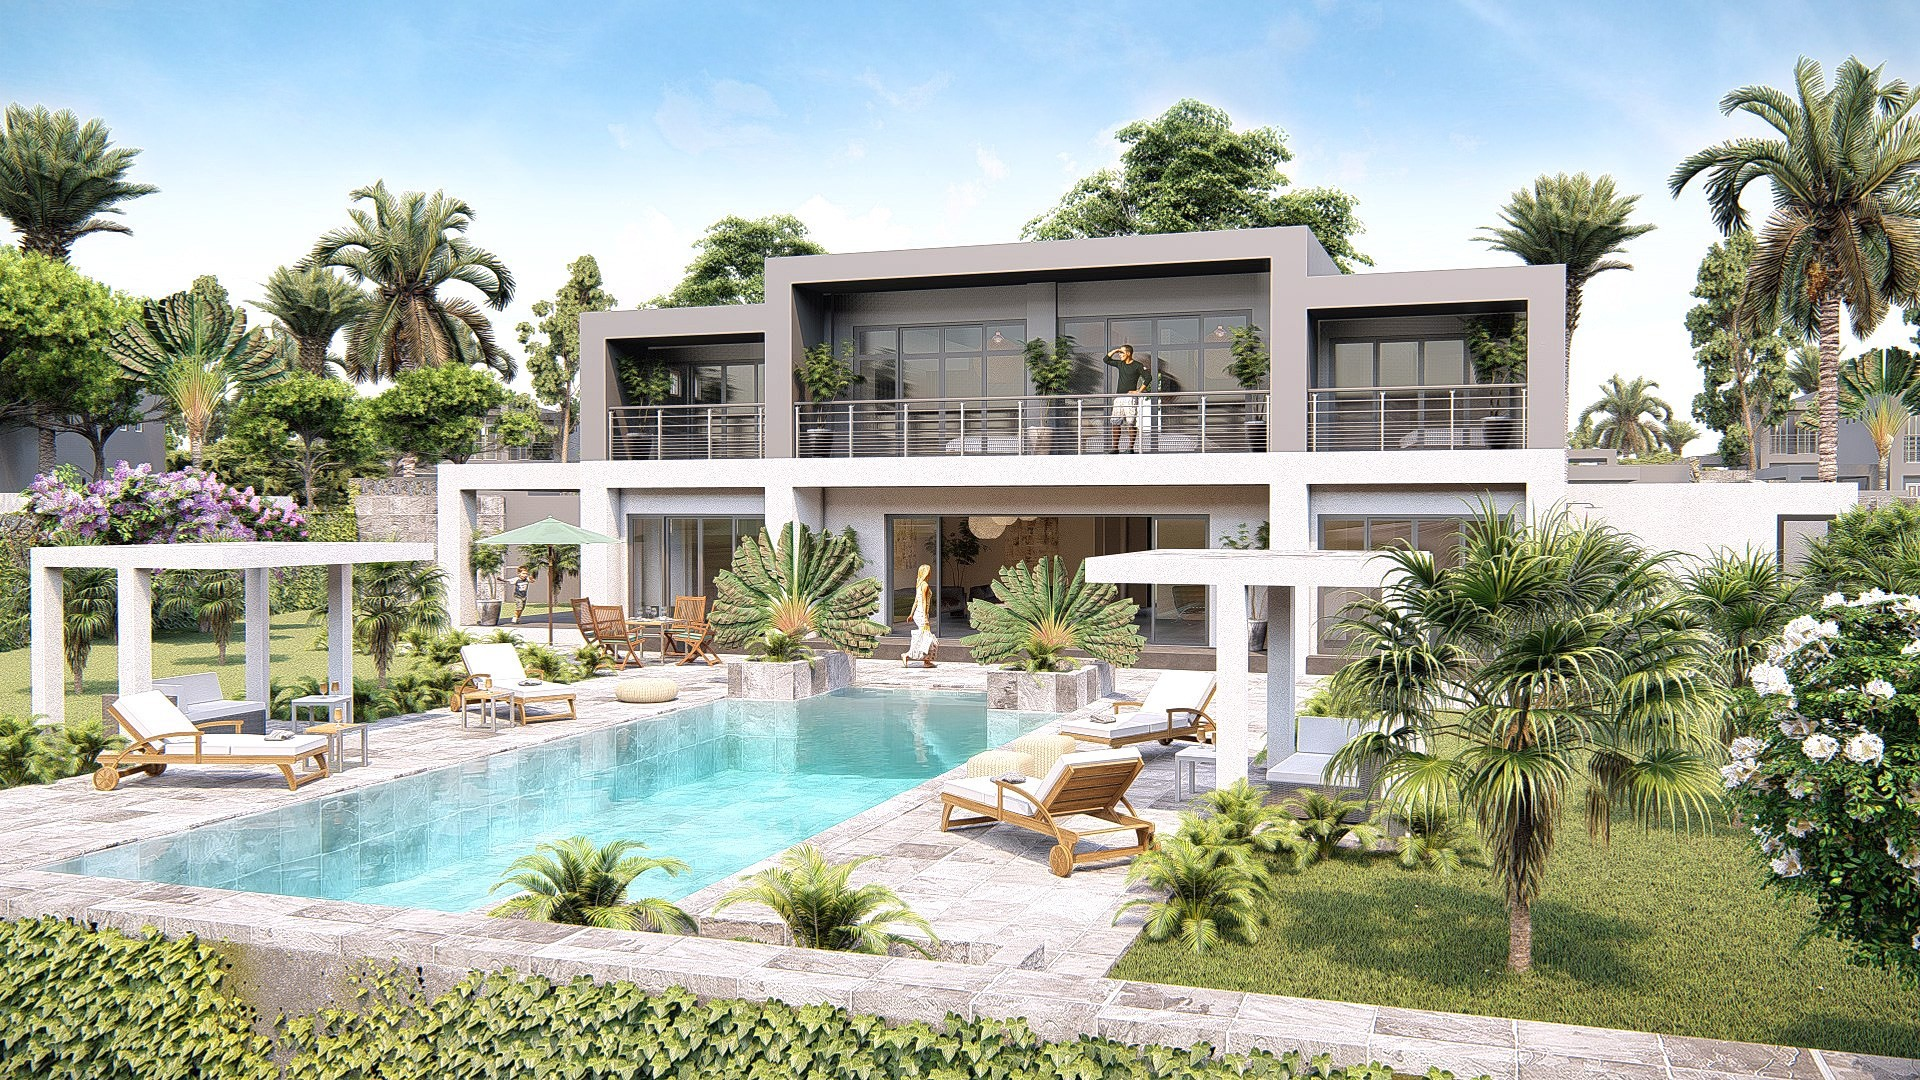 Grande maison de luxe plan - Idées de travaux